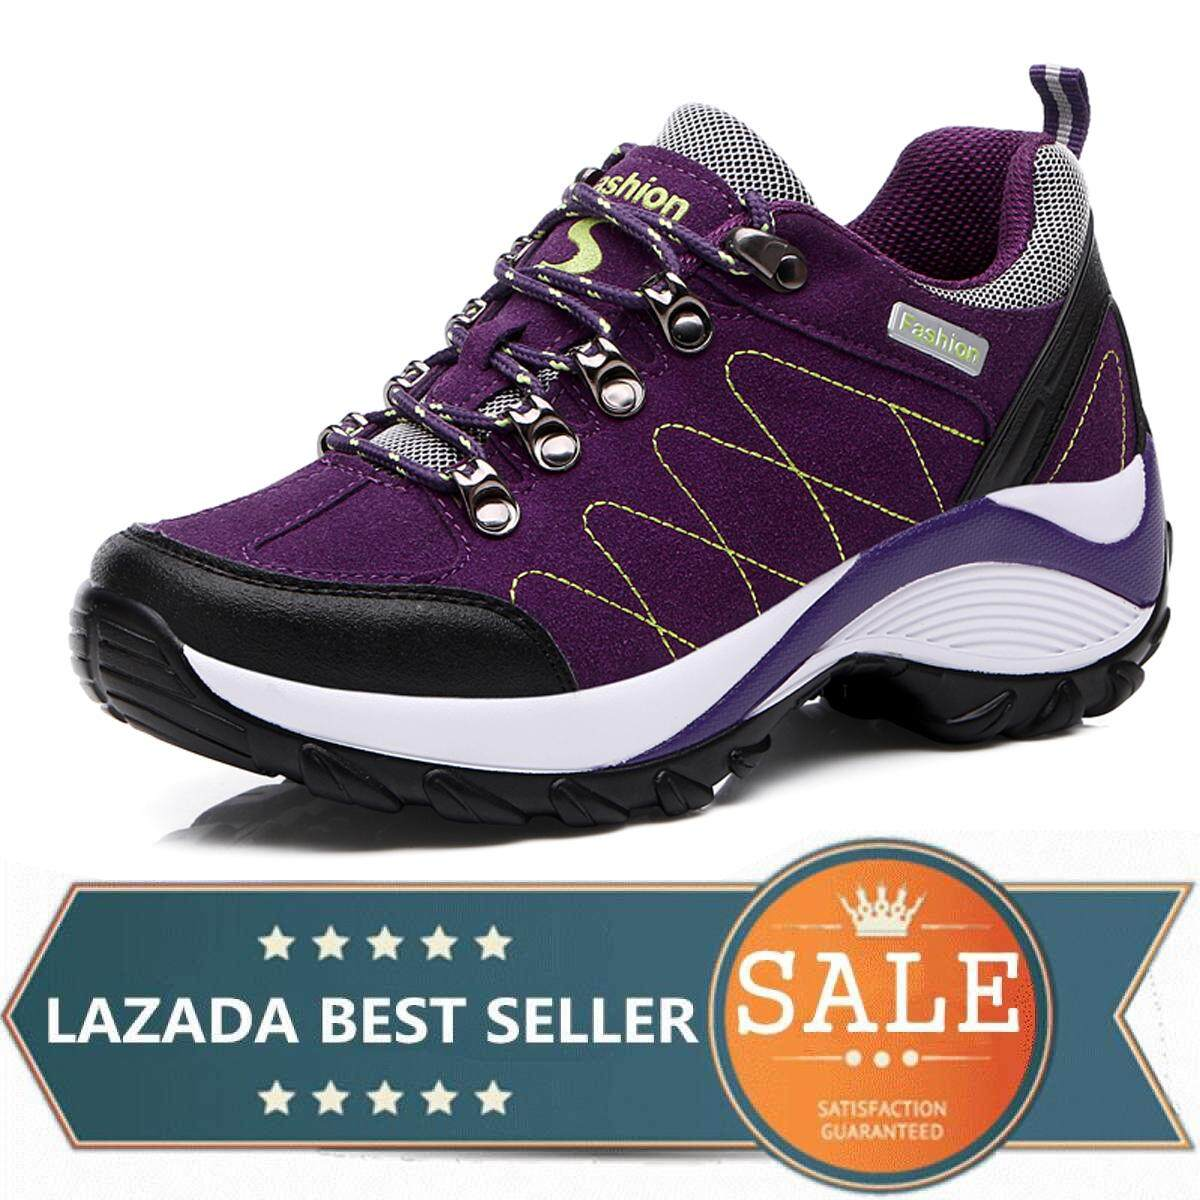 71d212003b959 Waterproof Hiking Shoes Women Height Increasing Climbing Mountain Shoes  Women Leather Outdoor Hiking Boots 058